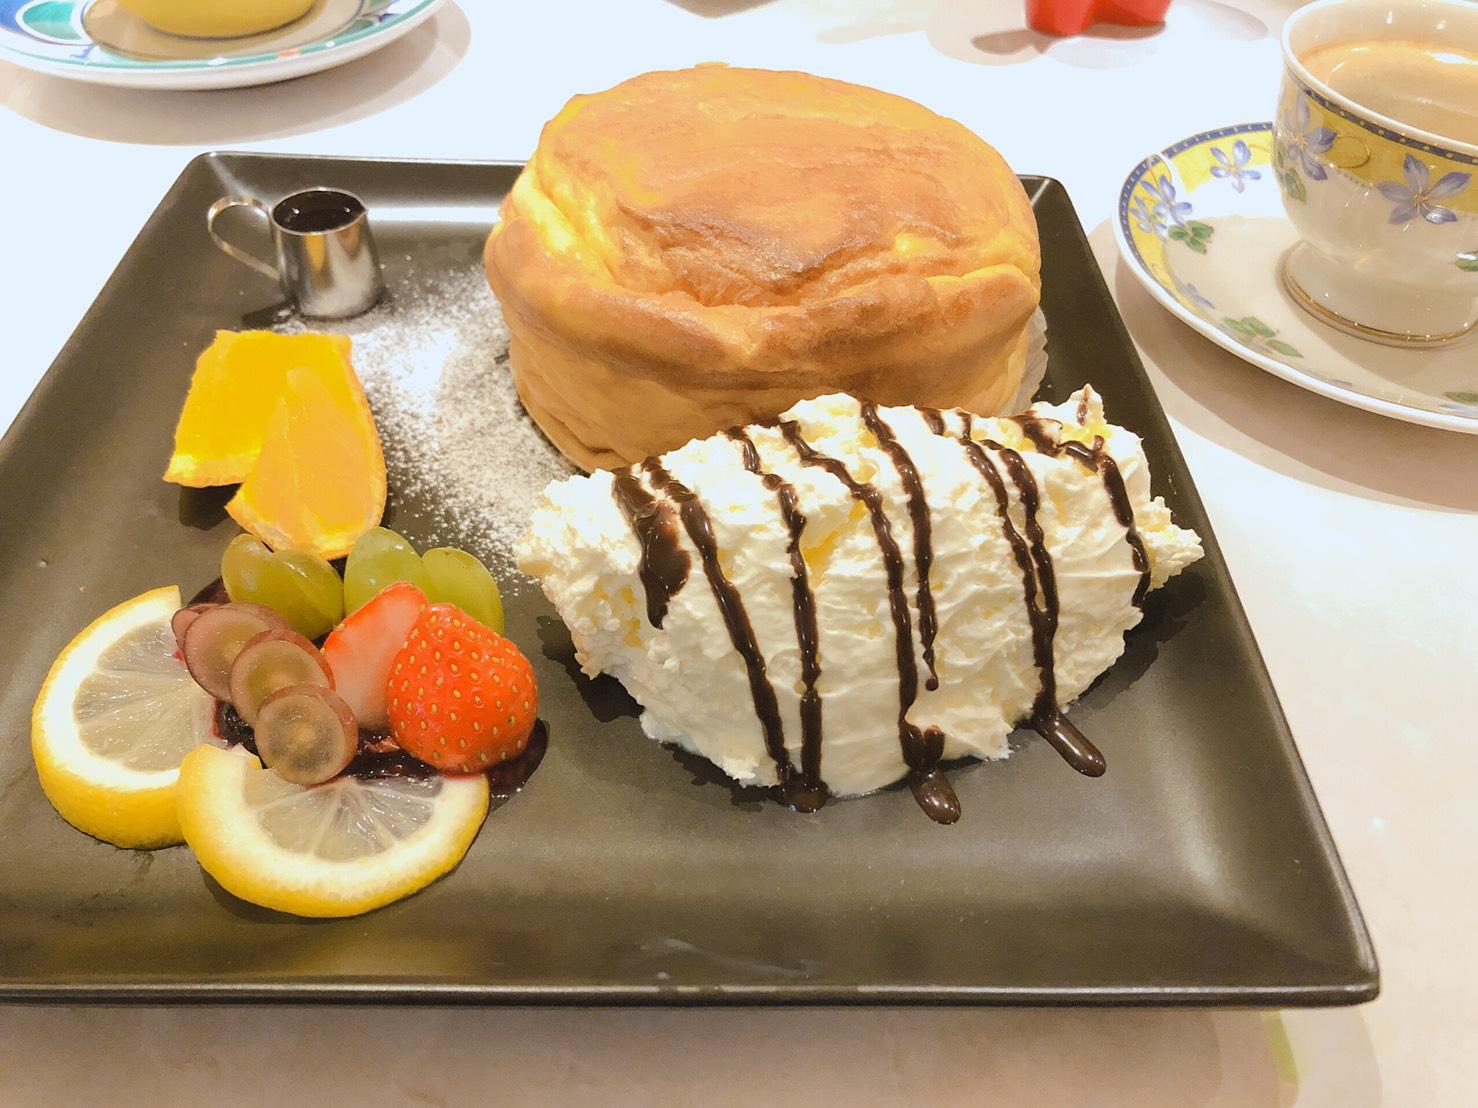 つきさむパンケーキ 金のスプーン 金のふわとろスフレパンケーキ